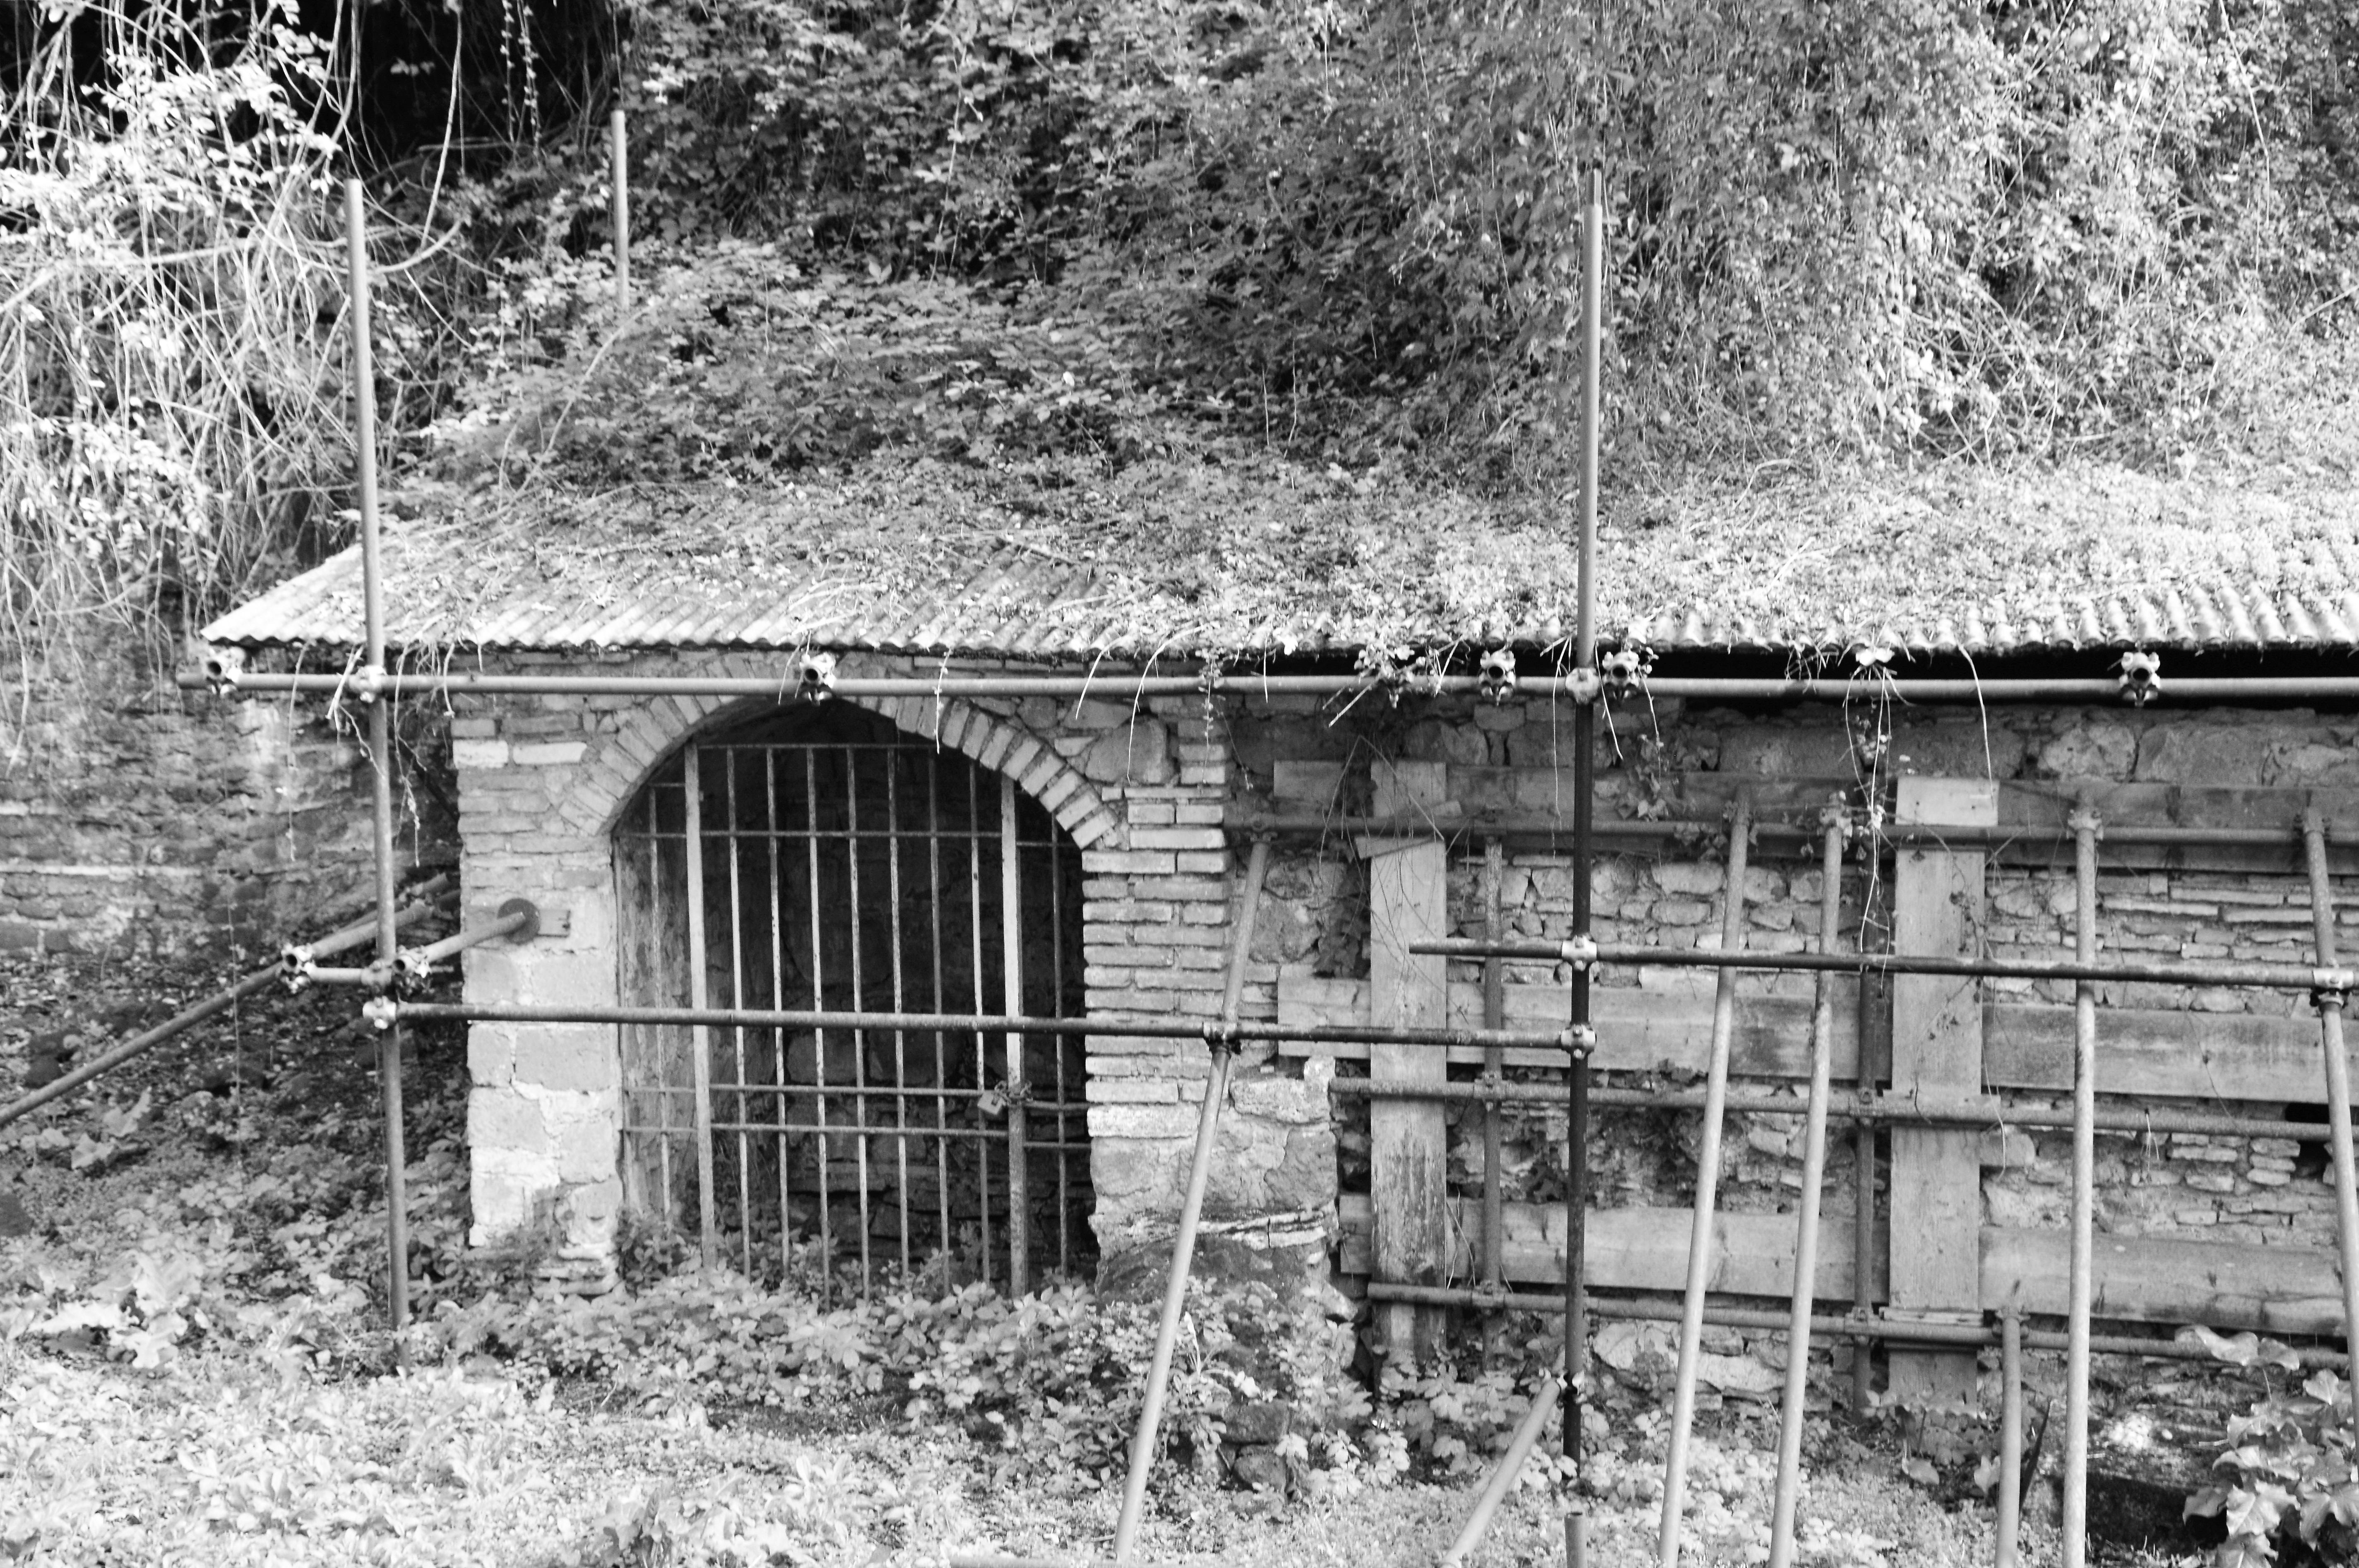 n viale Maresciallo Pilsudski 2 c'è l'accesso alle catacombe di San Valentino, scavate al di sotto del monte